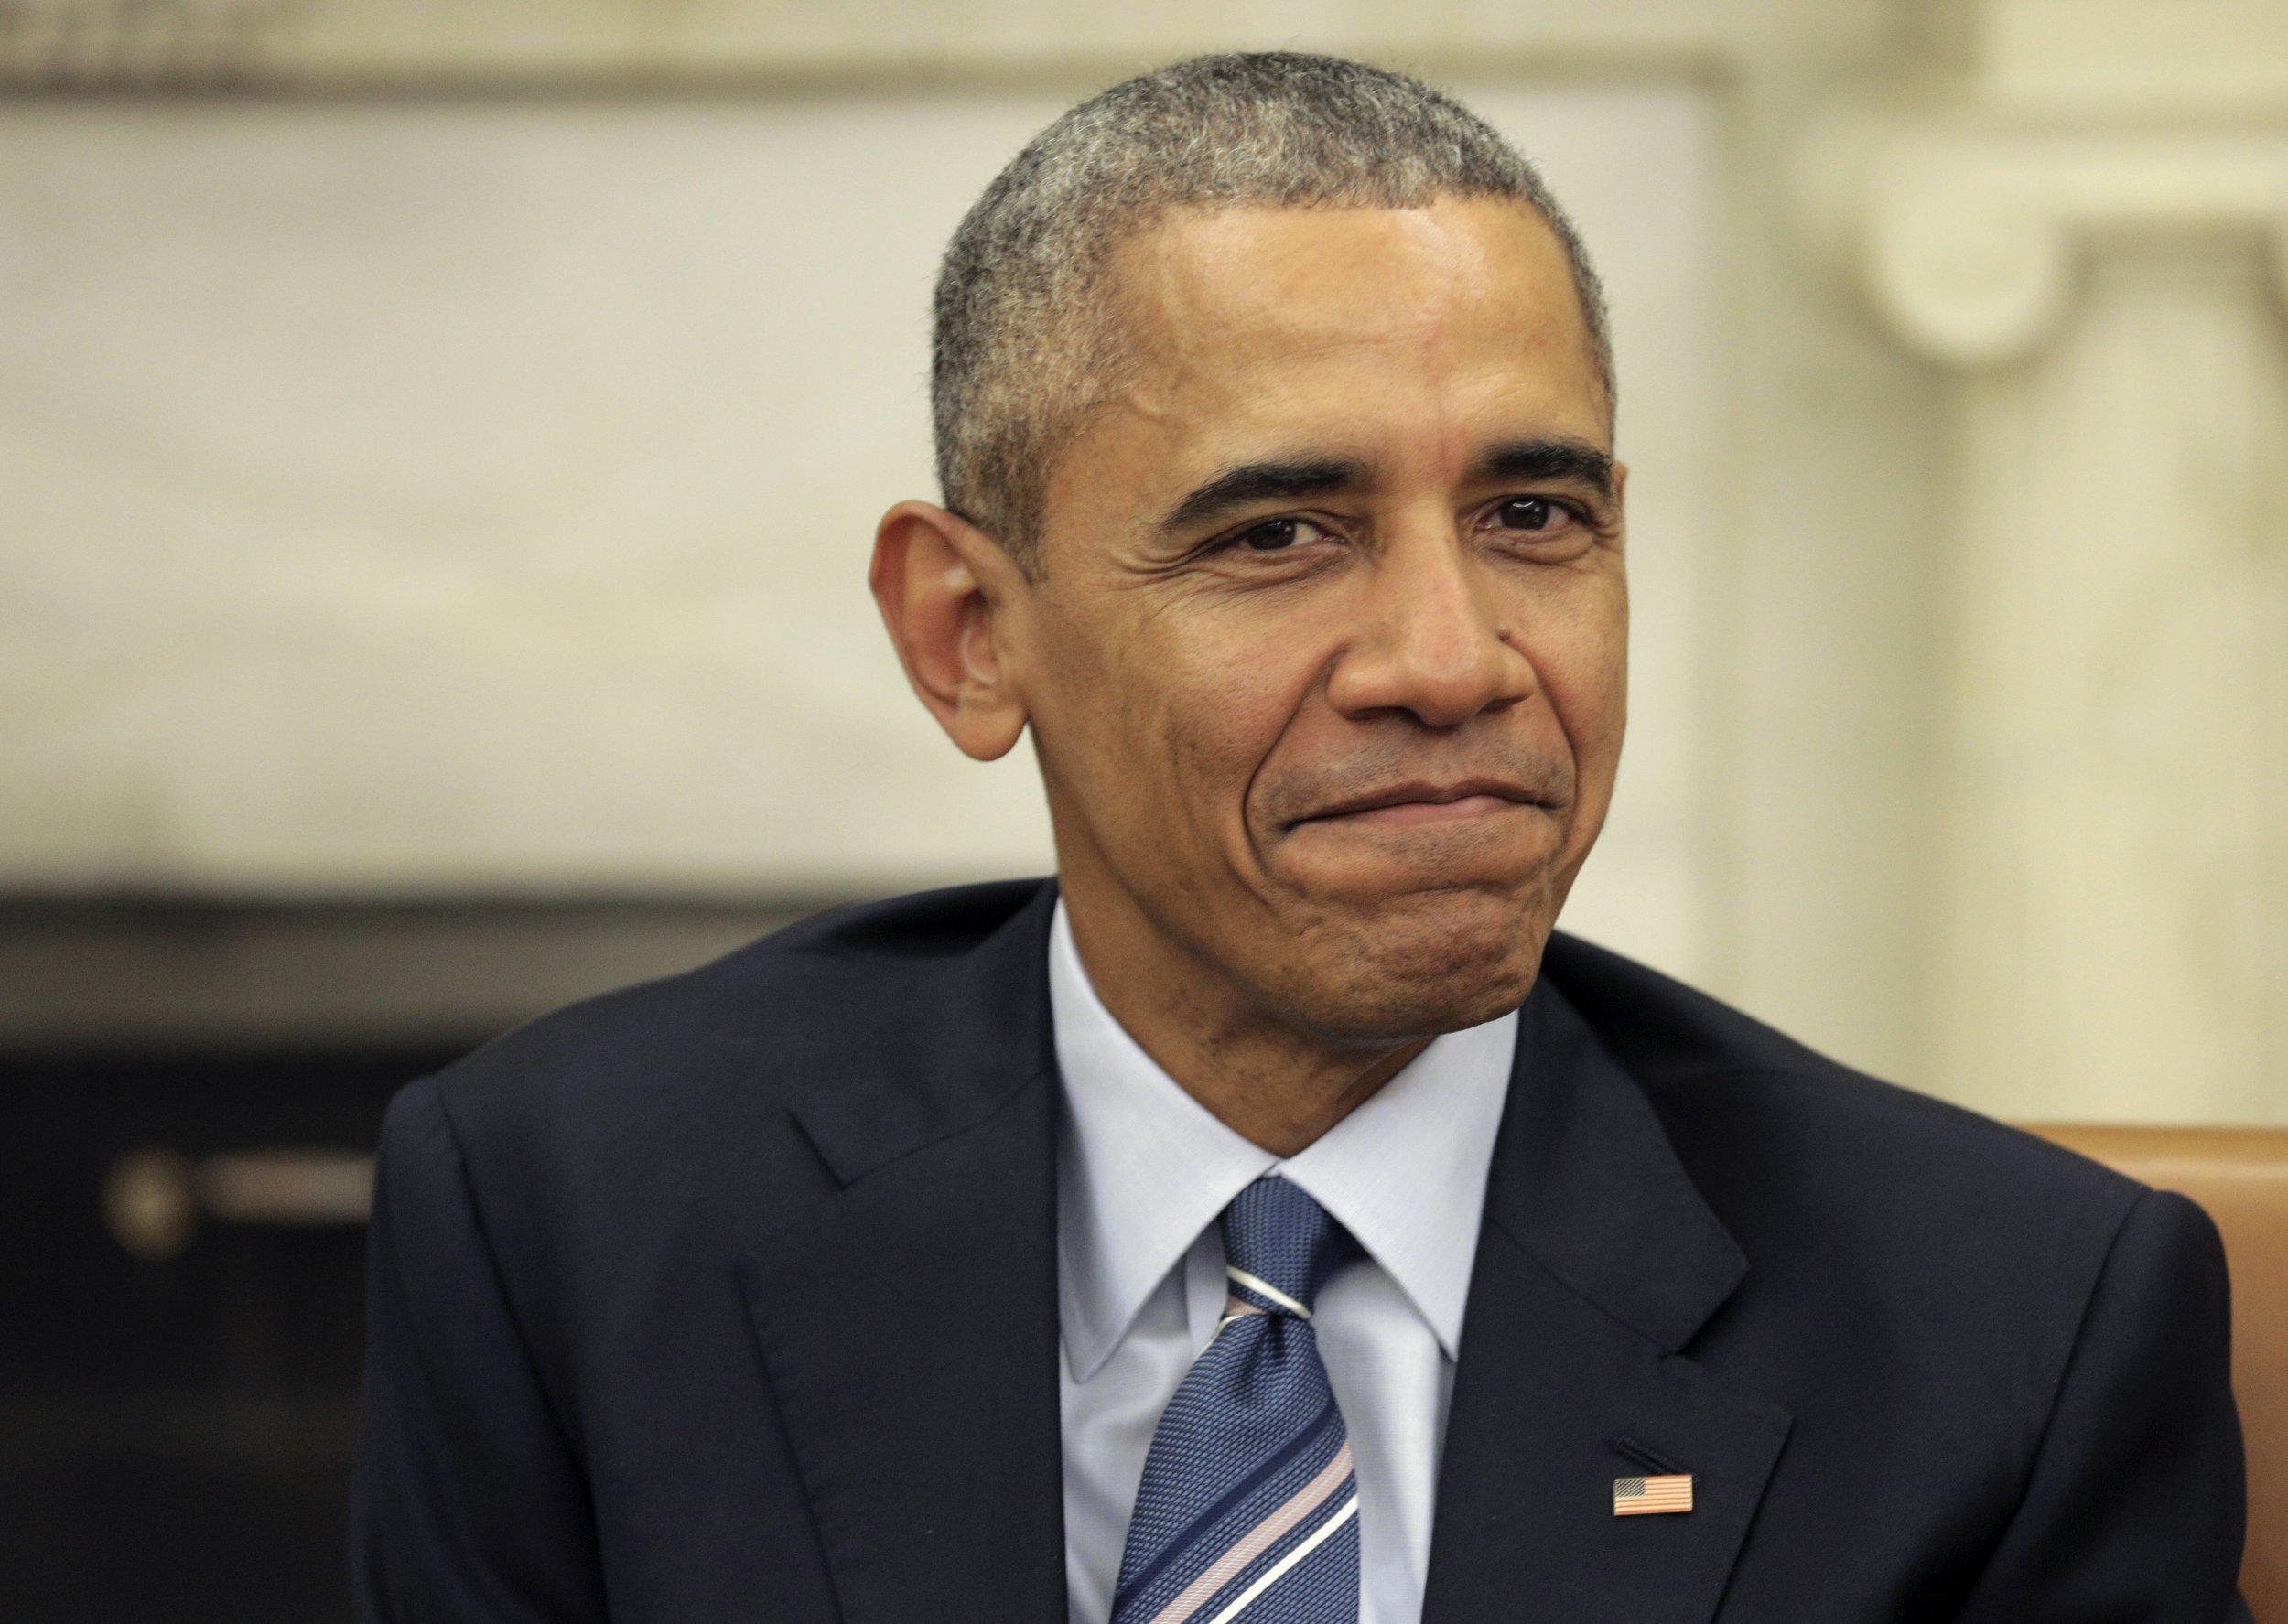 Obama_progressive